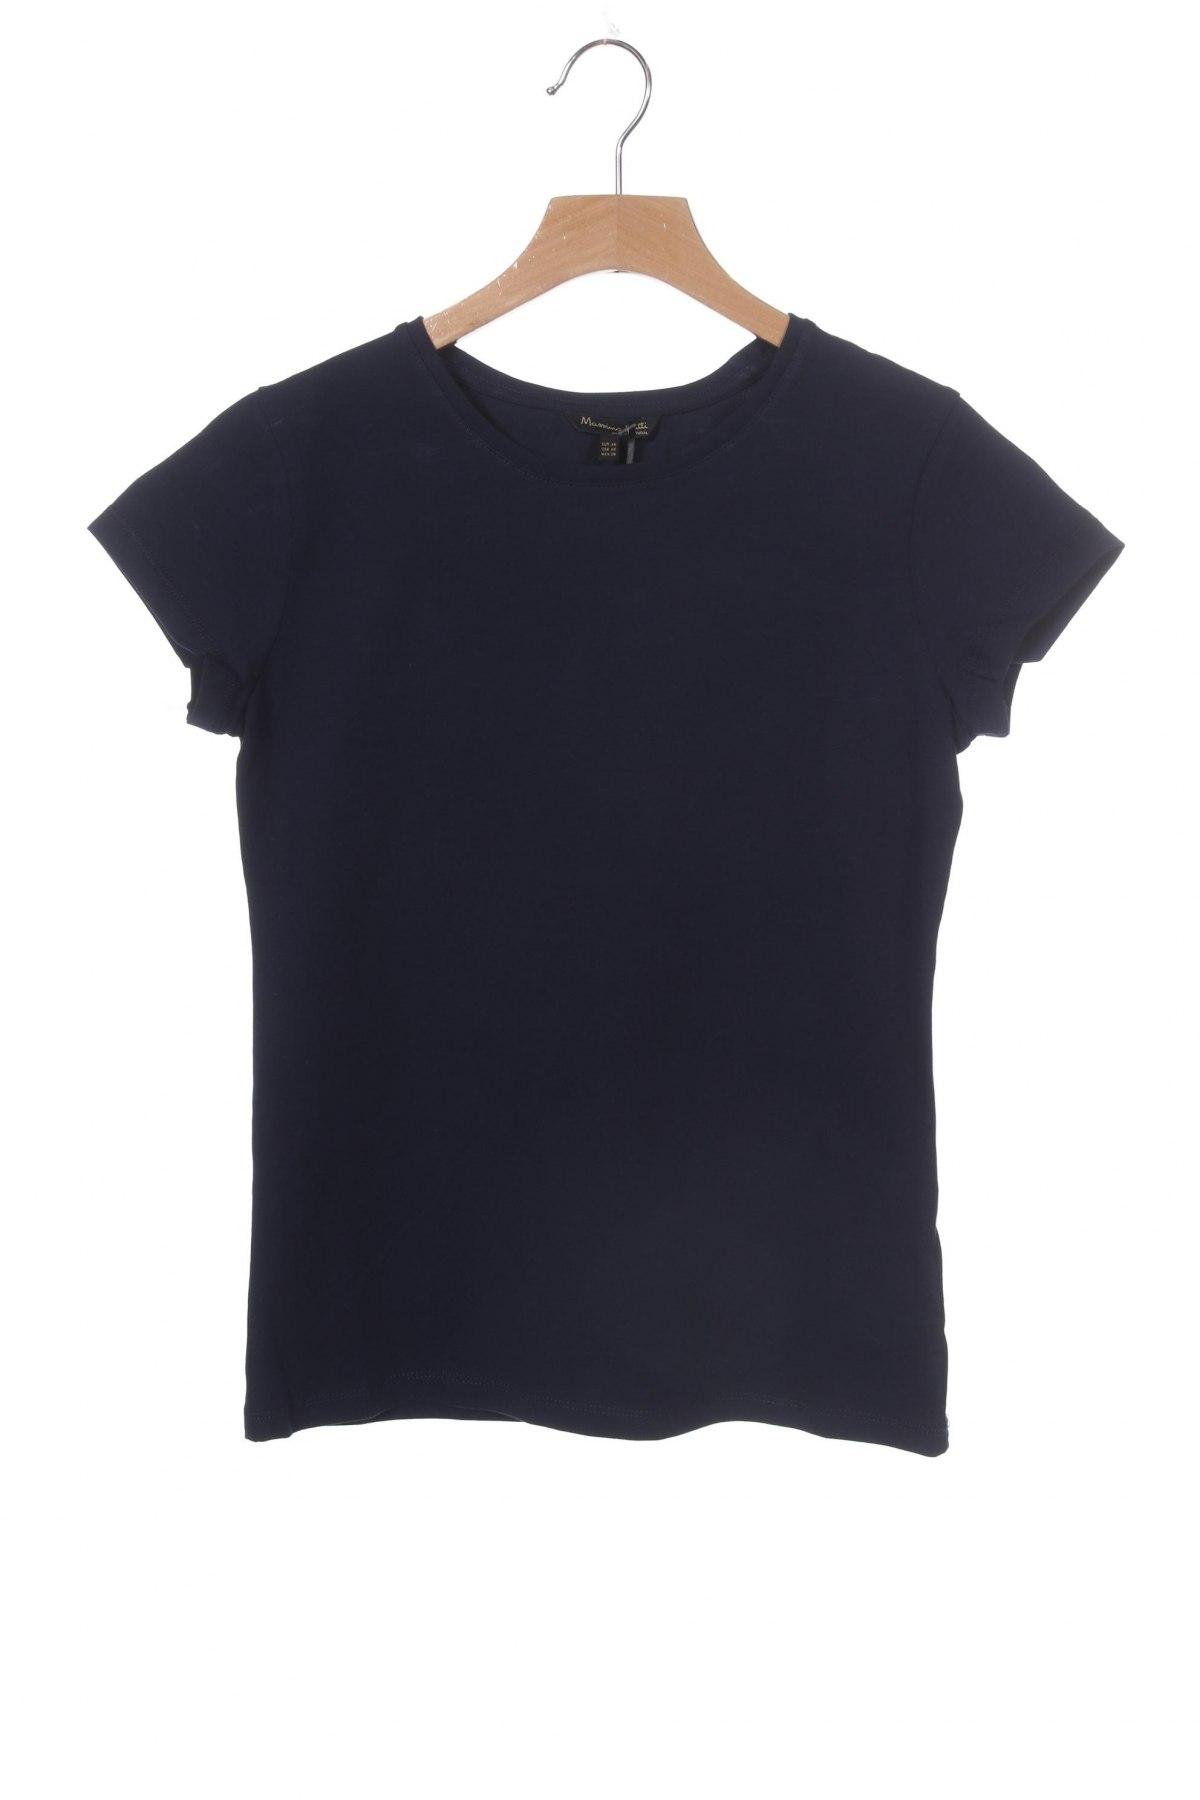 Дамска тениска Massimo Dutti, Размер XS, Цвят Син, 92% памук, 8% еластан, Цена 14,75лв.